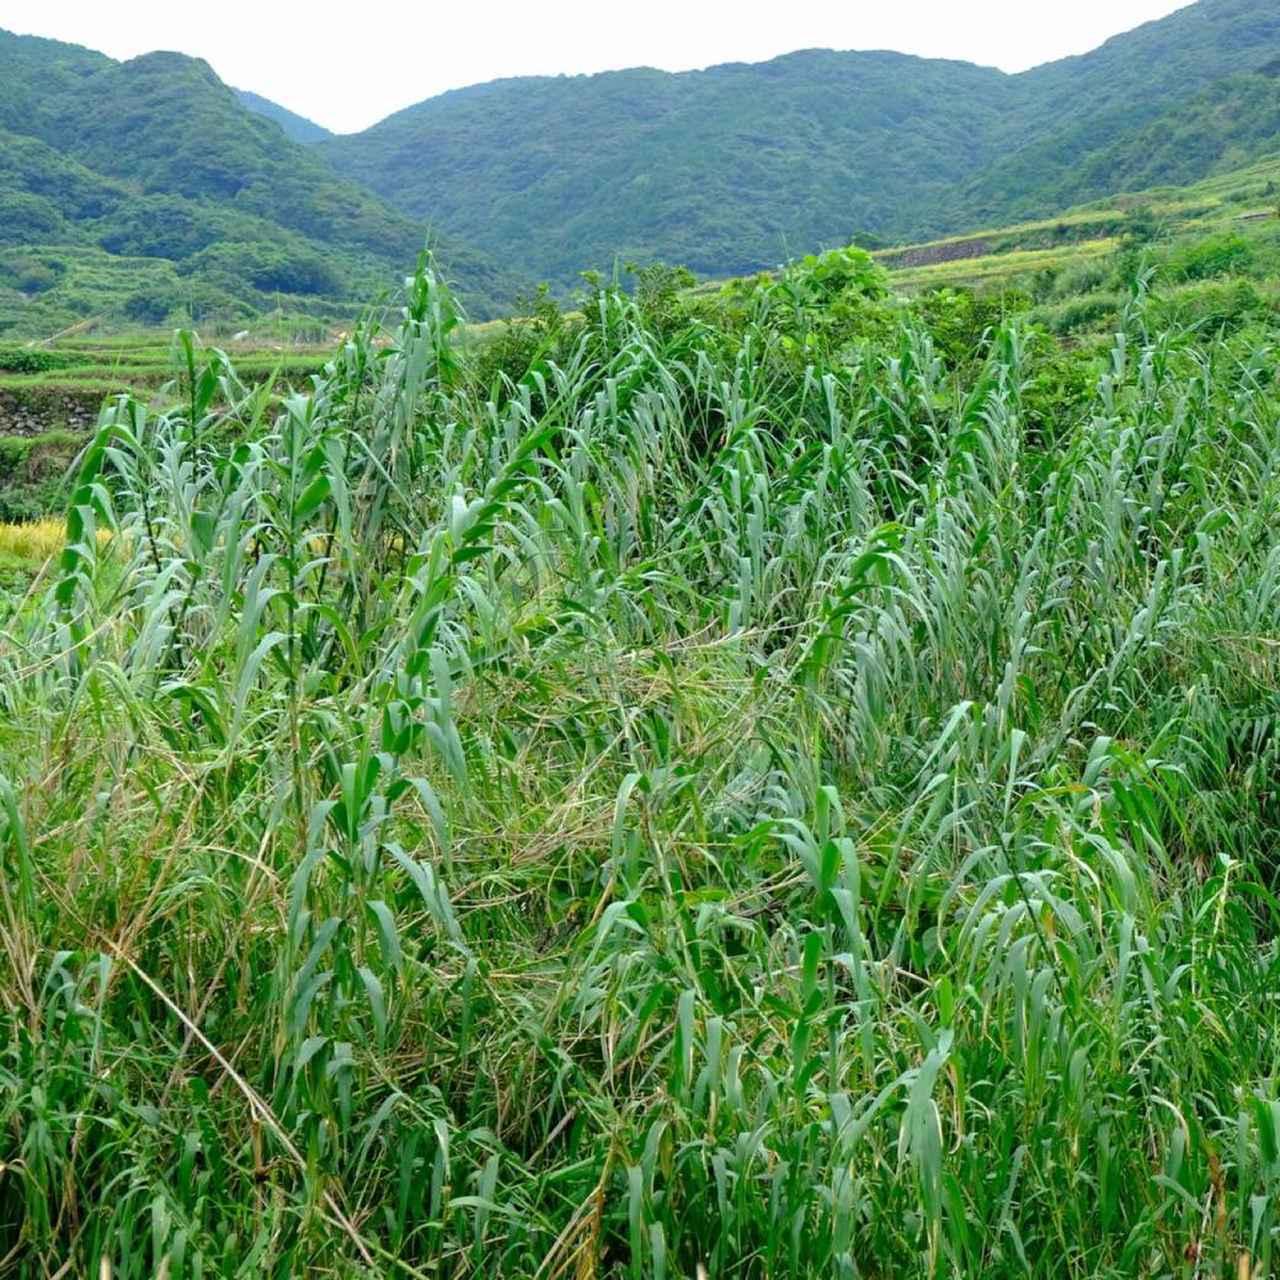 画像: こちらはダンジク=暖竹という植物。背の高い暖竹の中に隠れて弾圧を逃れようとした家族がついに見つかり処刑されてしまったことを歌った「ダンジク様の歌」も生月島で歌い継がれている曲です。